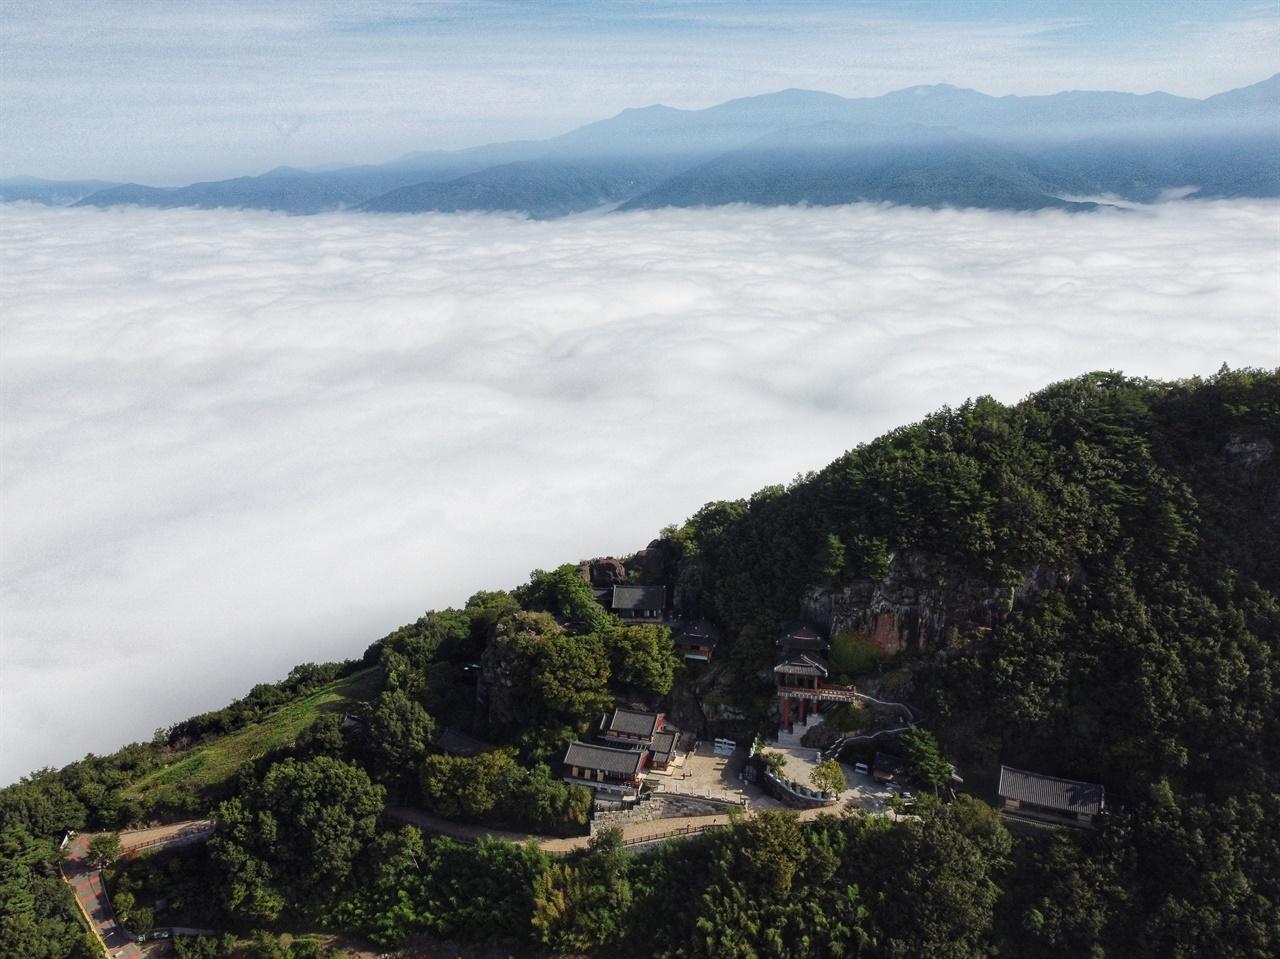 지리산 노고단 능선과 오산 사성암 사이로 펼쳐진 구름 바다